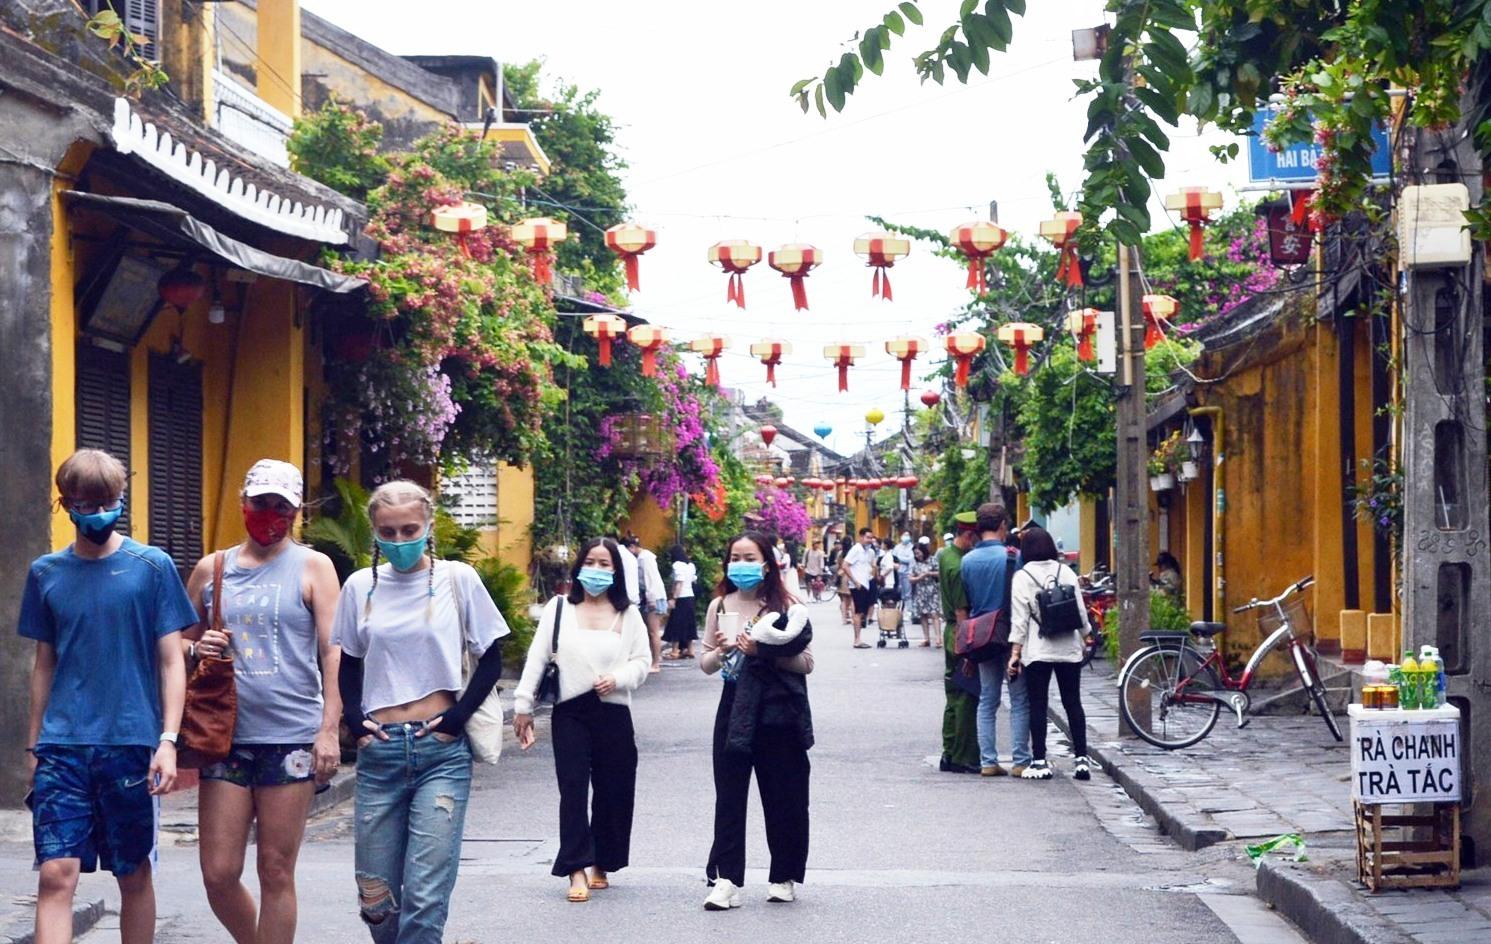 Quảng Nam được Bộ VH-TT&DL chọn làm nơi thí điểm đón khách du lịch quốc tế